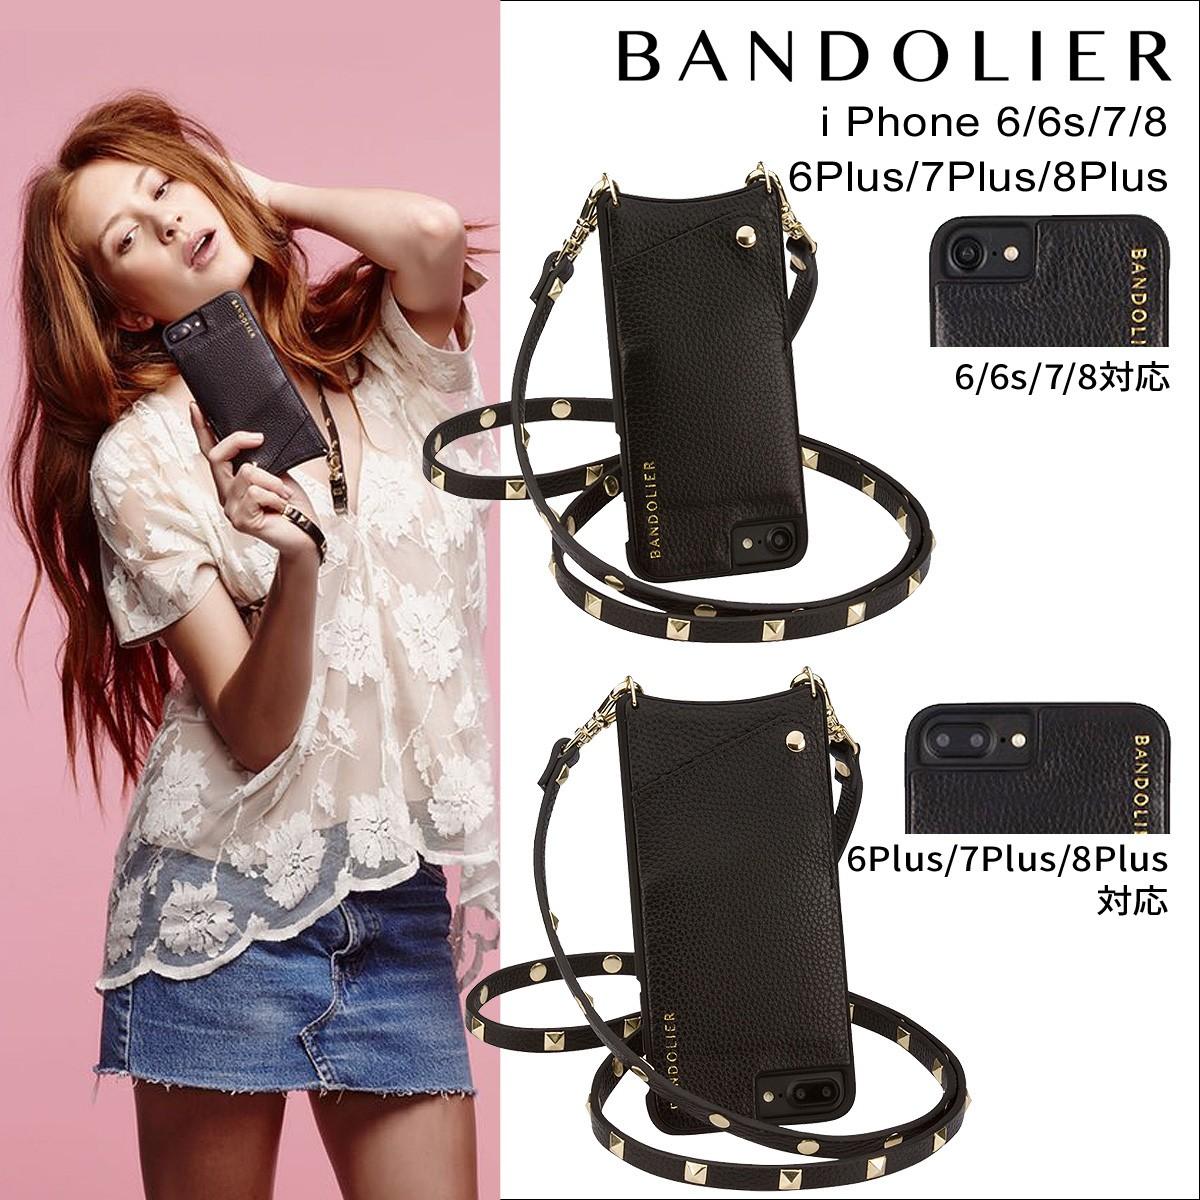 BANDOLIER バンドリヤー iPhone7 7Plus 6s ケース スマホ アイフォン プラス レザー スタッズ メンズ レディース [9/5 再入荷]